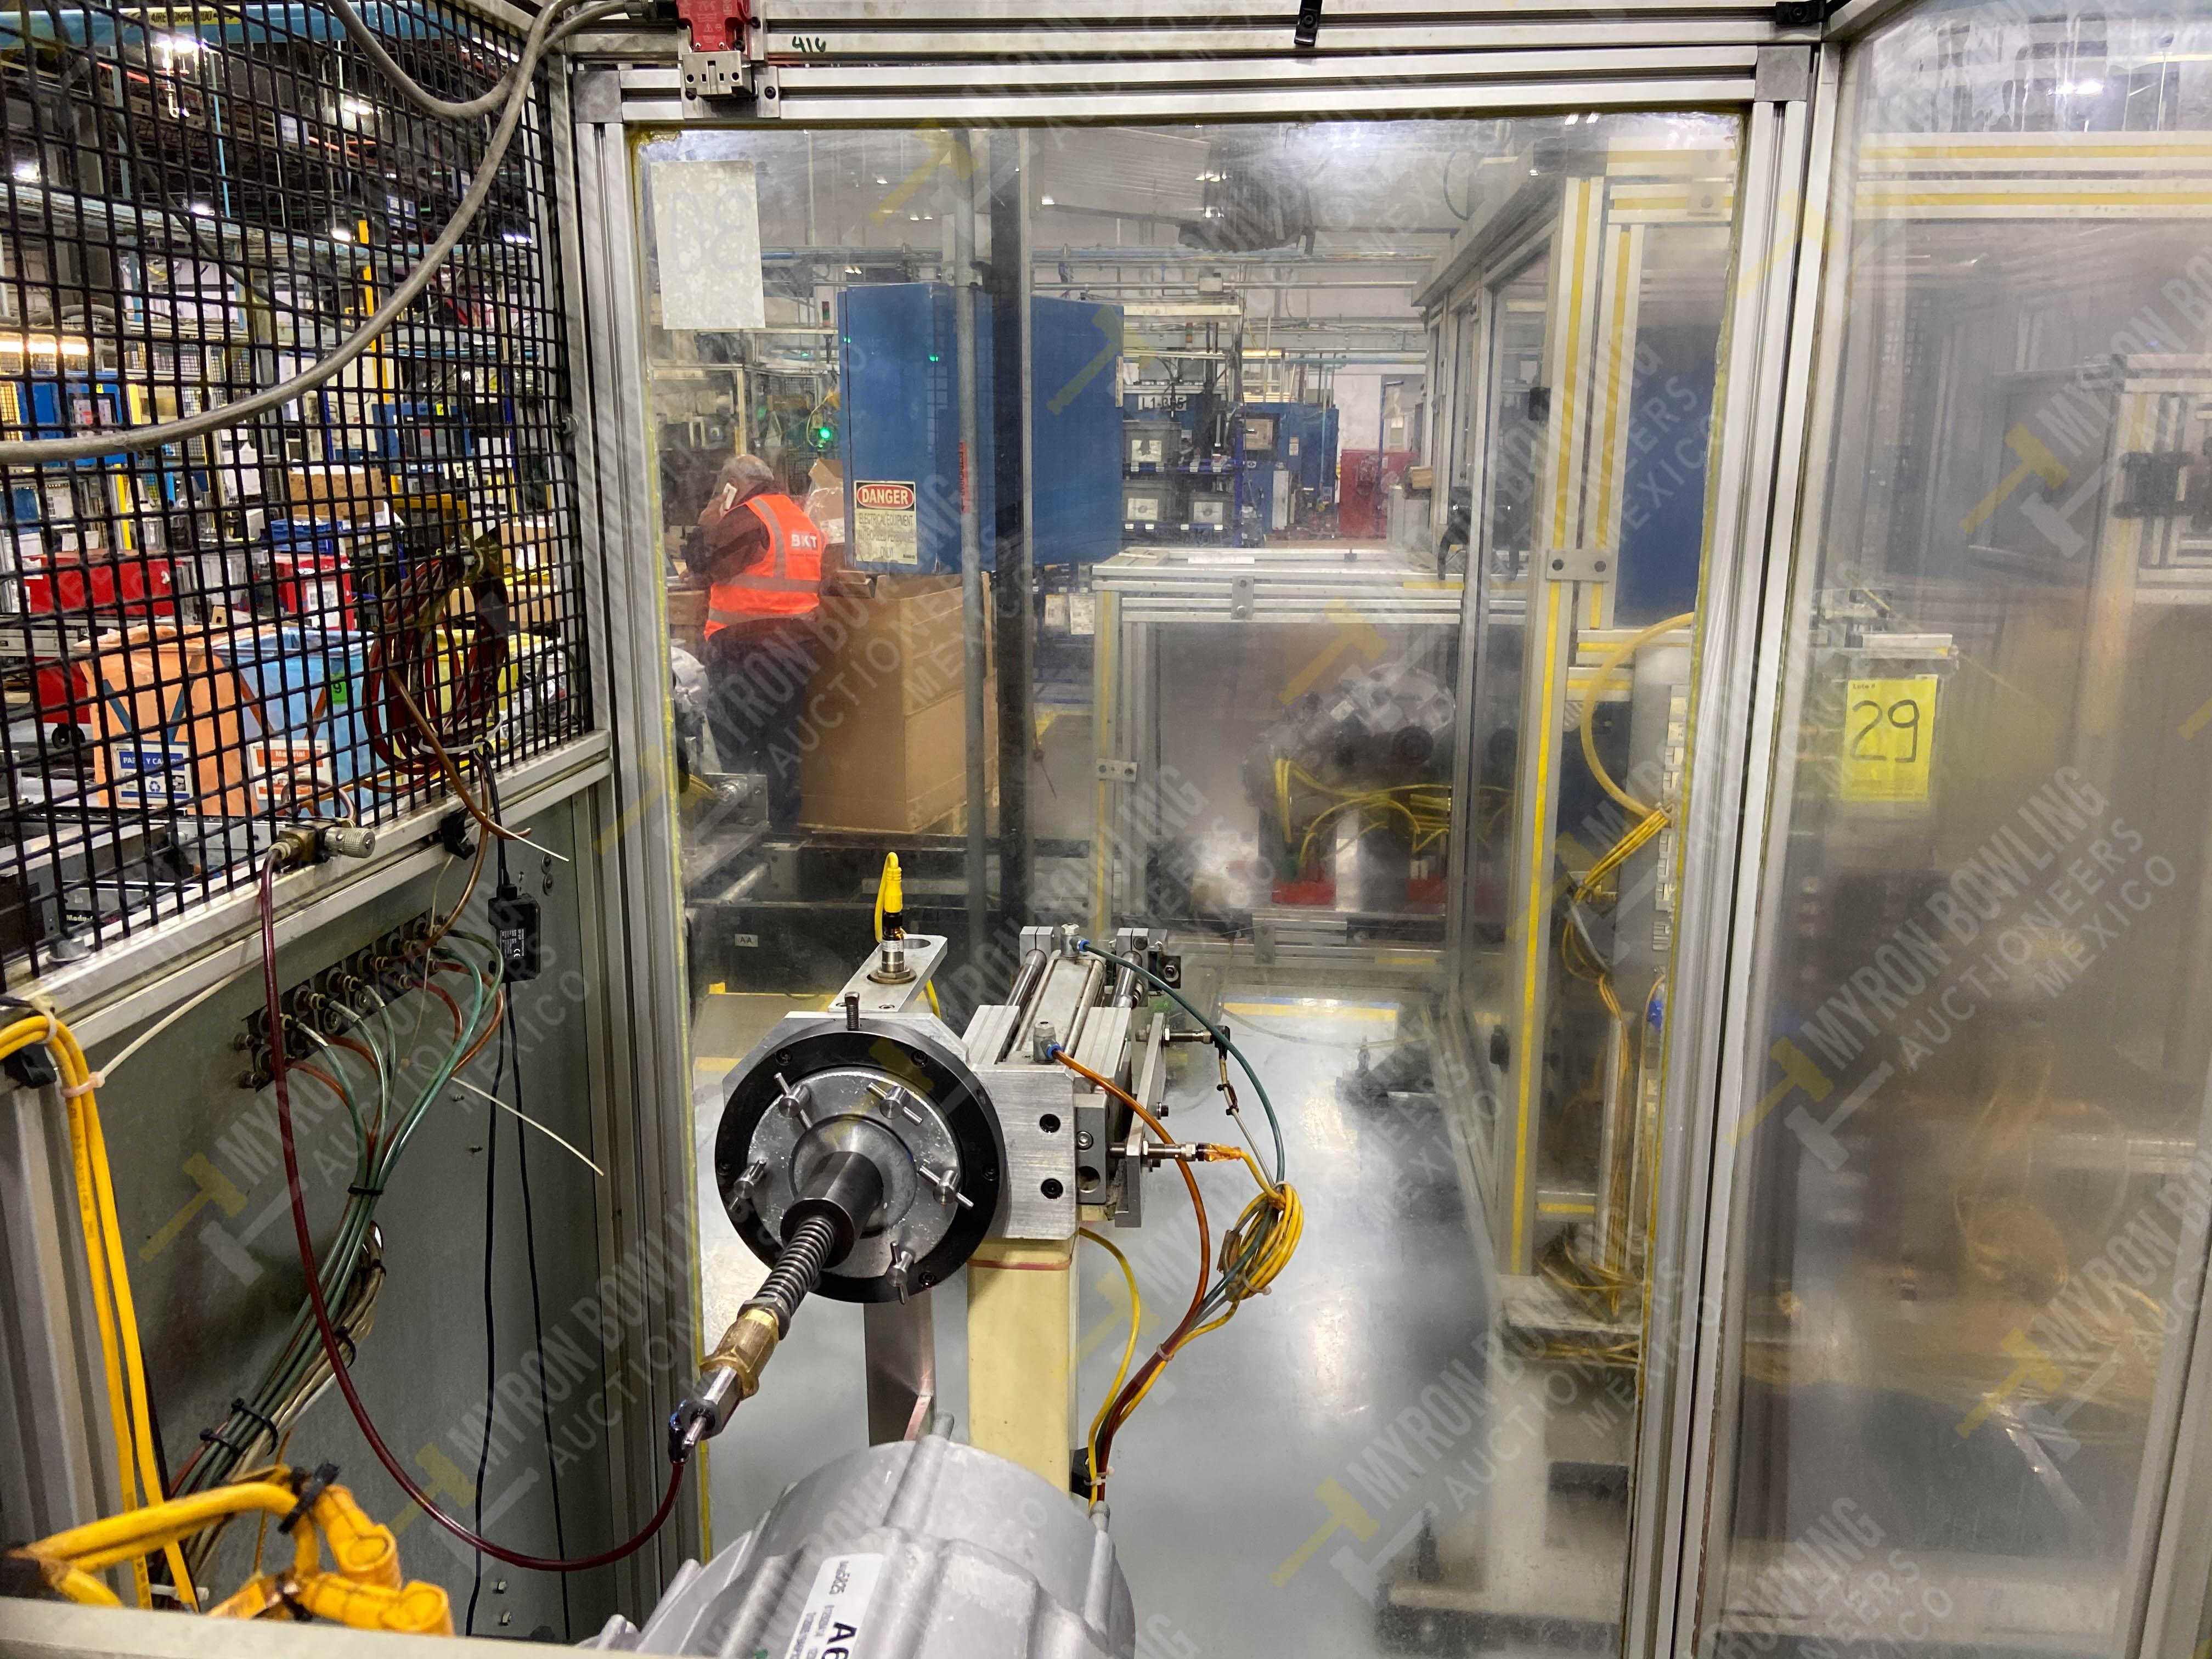 Estación semiautomática para operación 415, contiene: Máquina pesadora de piezas con 1 cilindro - Image 12 of 16